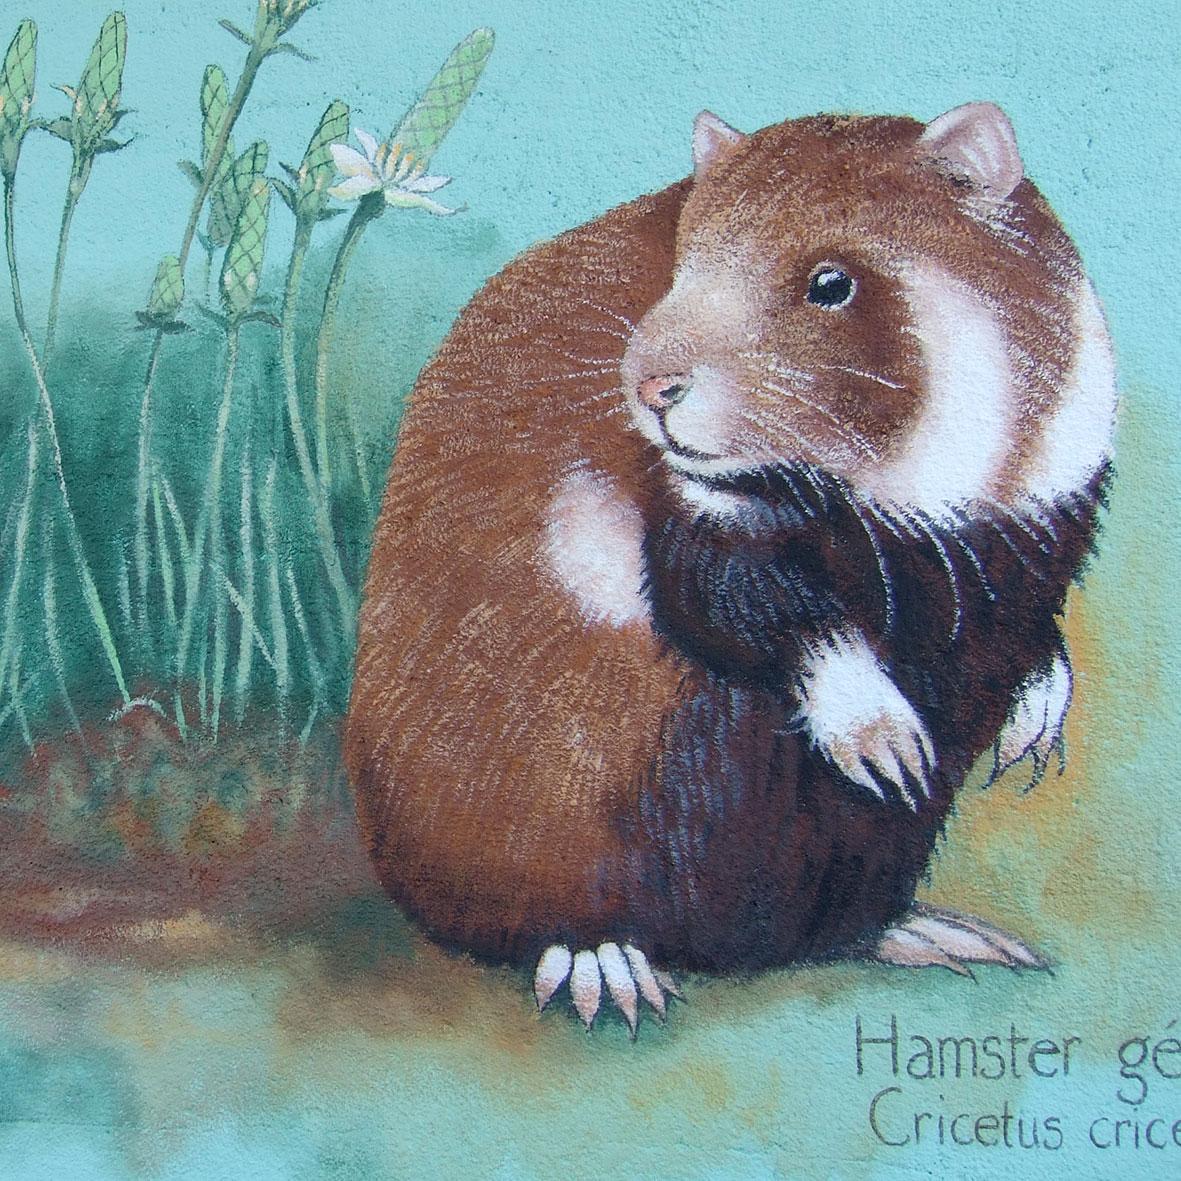 Hamster géant d'Alsace. Cricetus cricetus. Gare de Duppigheim. Fresque de Roland Perret. illusions-murales.com